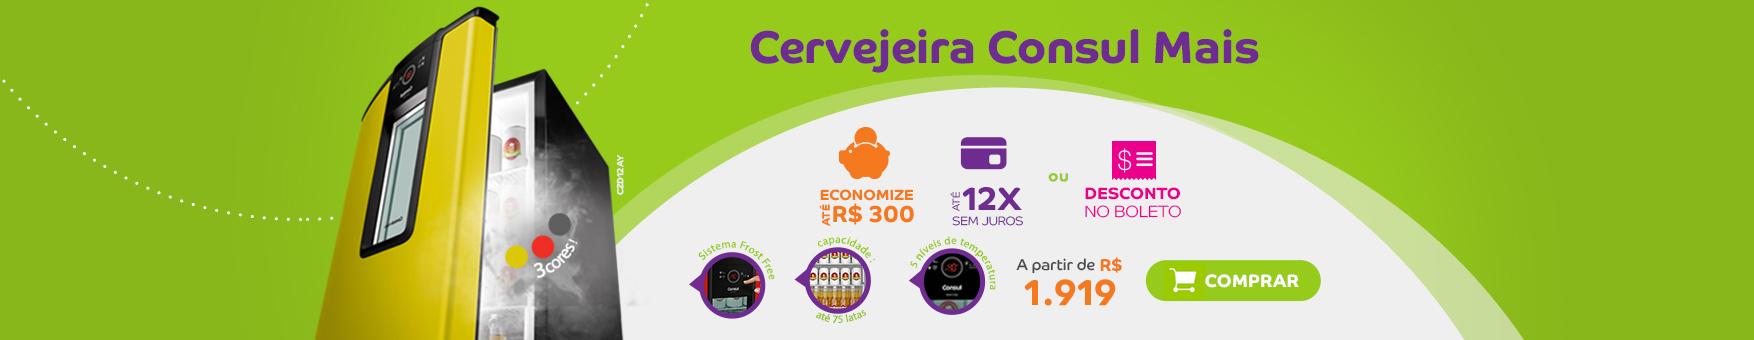 Promoção Interna - 108 - categoria_cervejeiras_home_1071015 - cervejeiras - 4